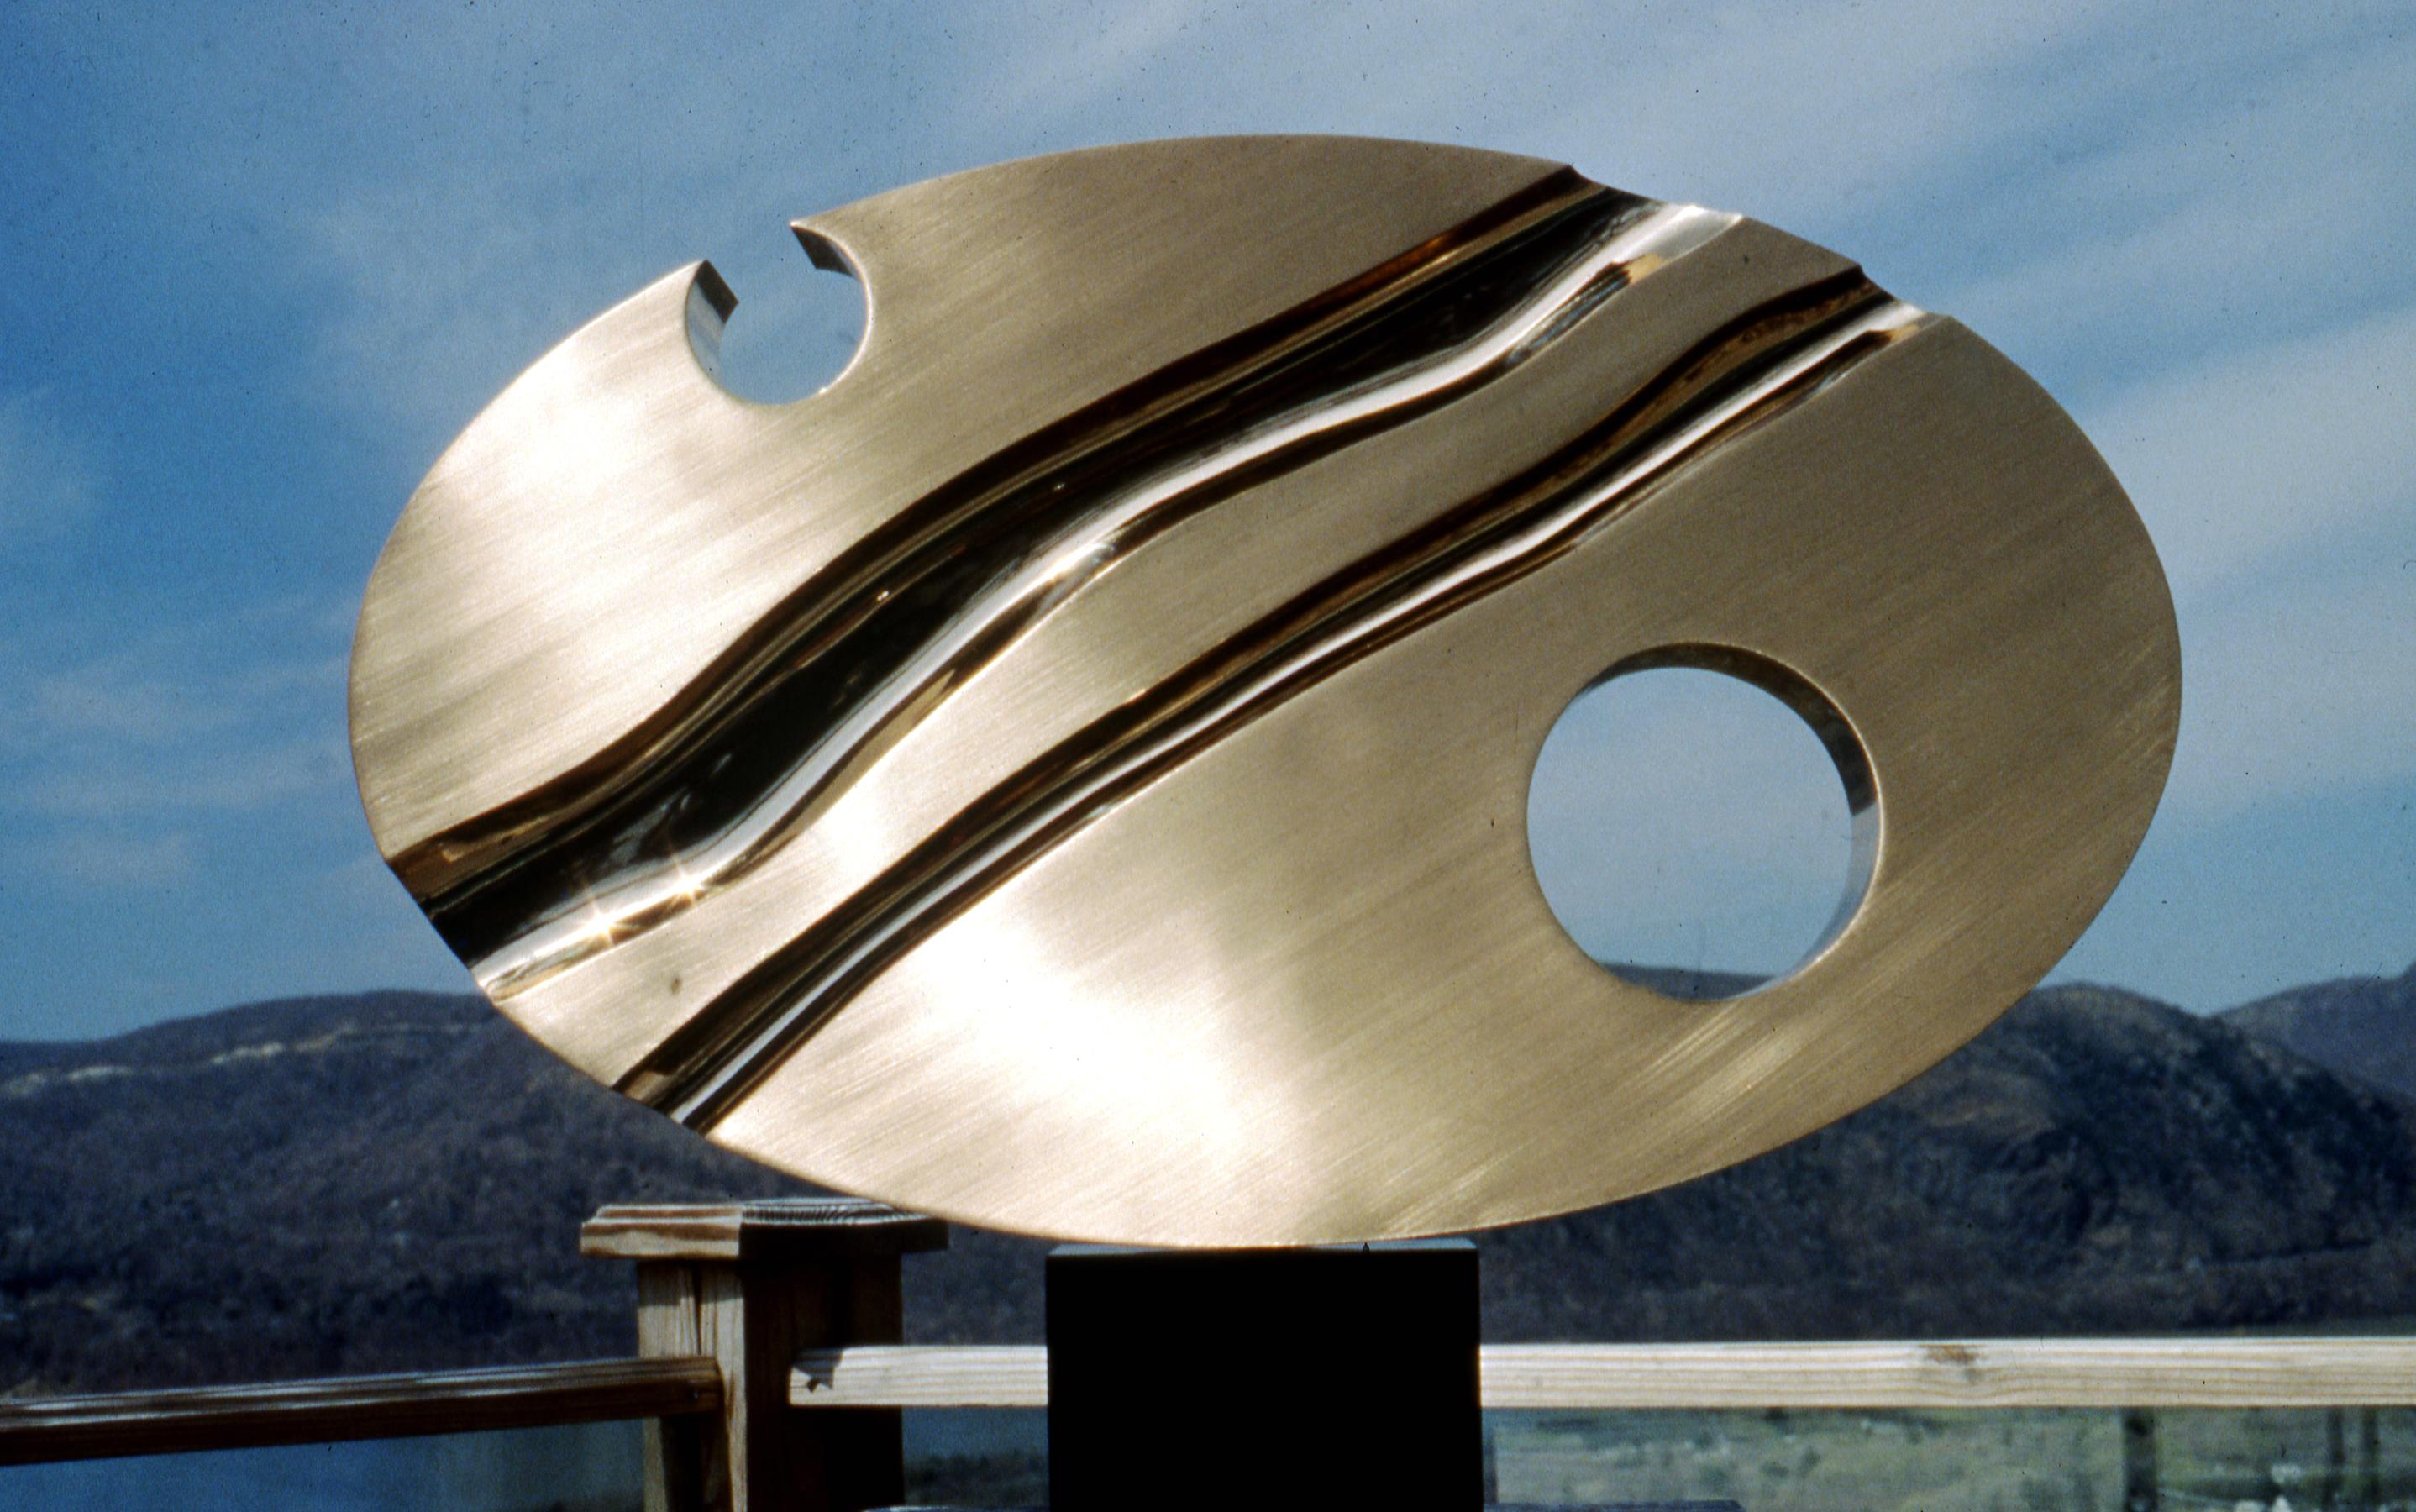 Elliptical Disc II A